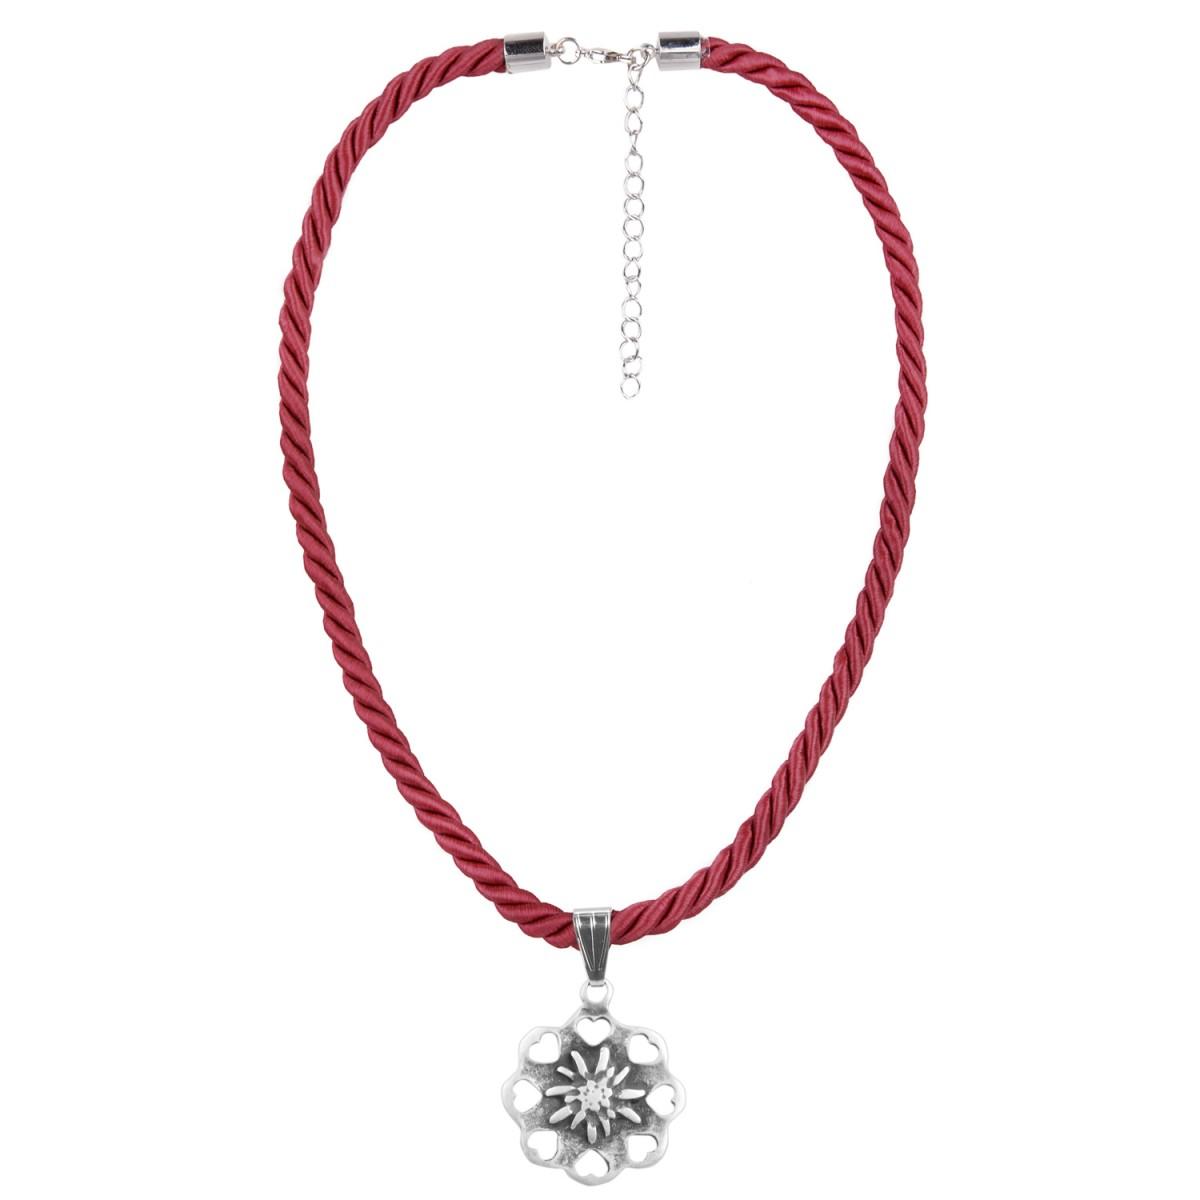 Halskette in Weinrot mit Edelweißanhänger von Schlick Accessoires